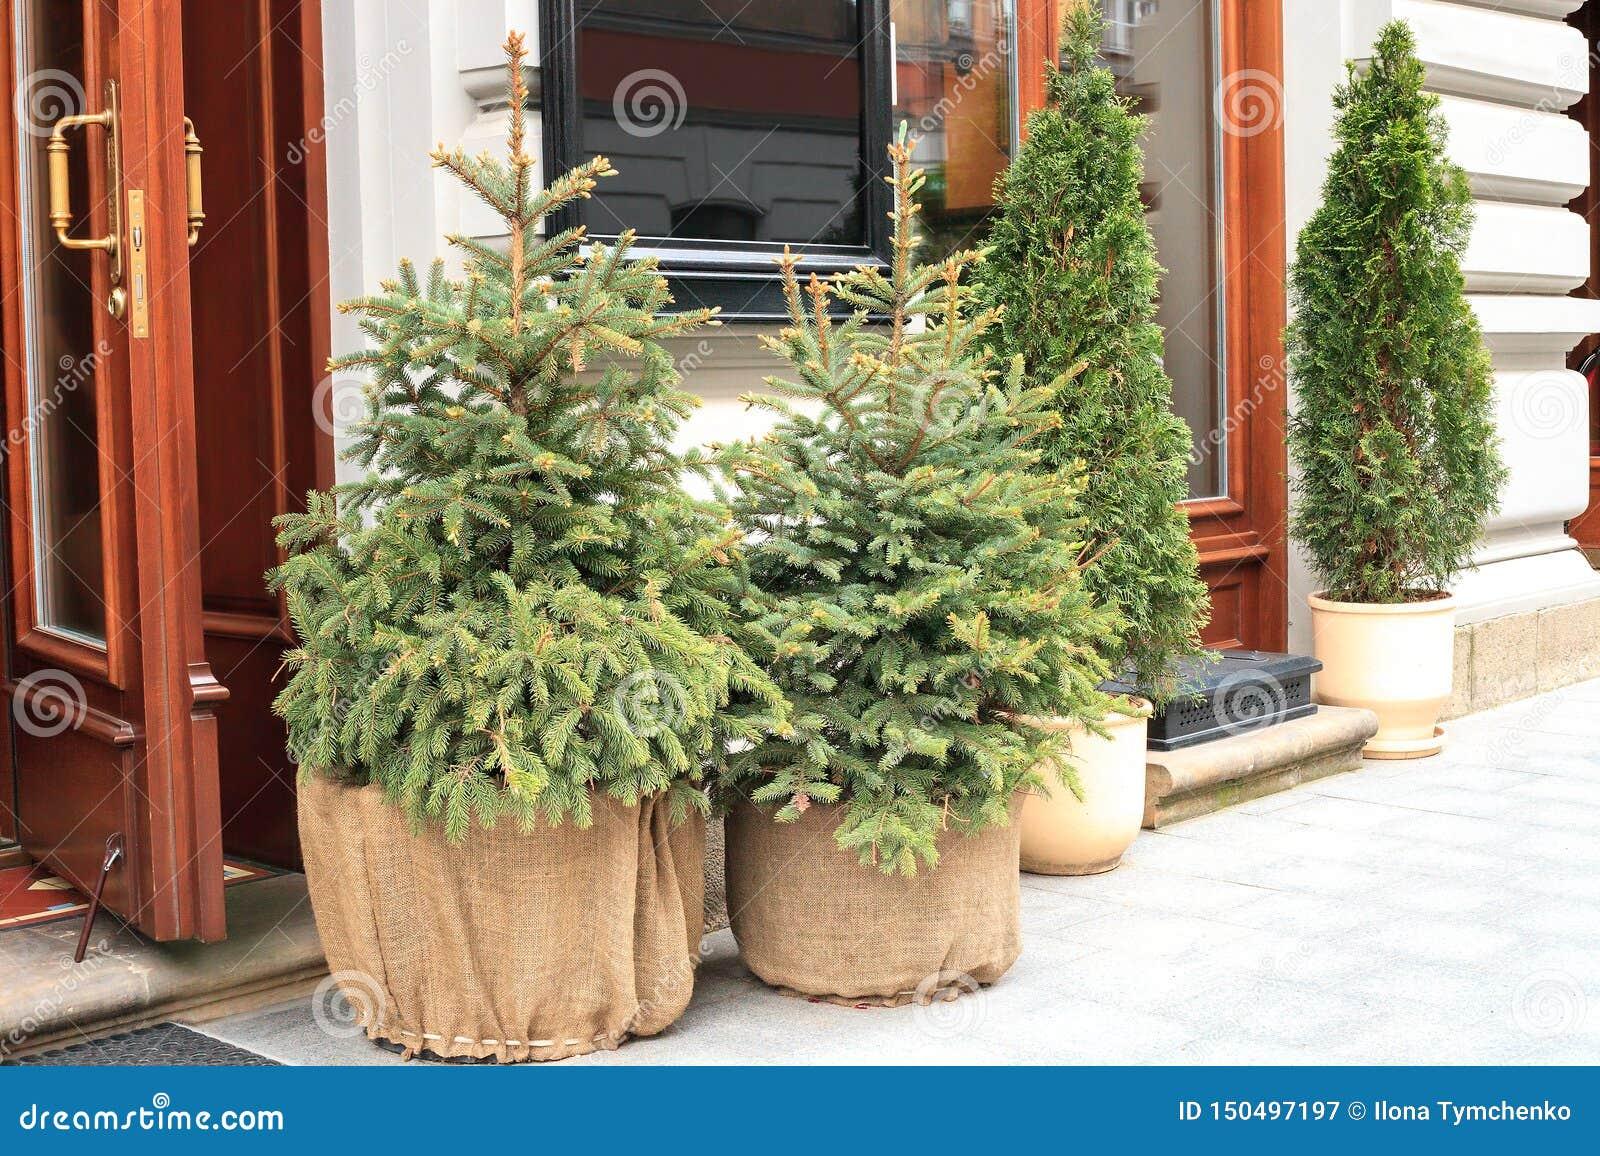 Arbre Persistant En Pot petit arbre de sapin à feuilles persistantes mis en pot de